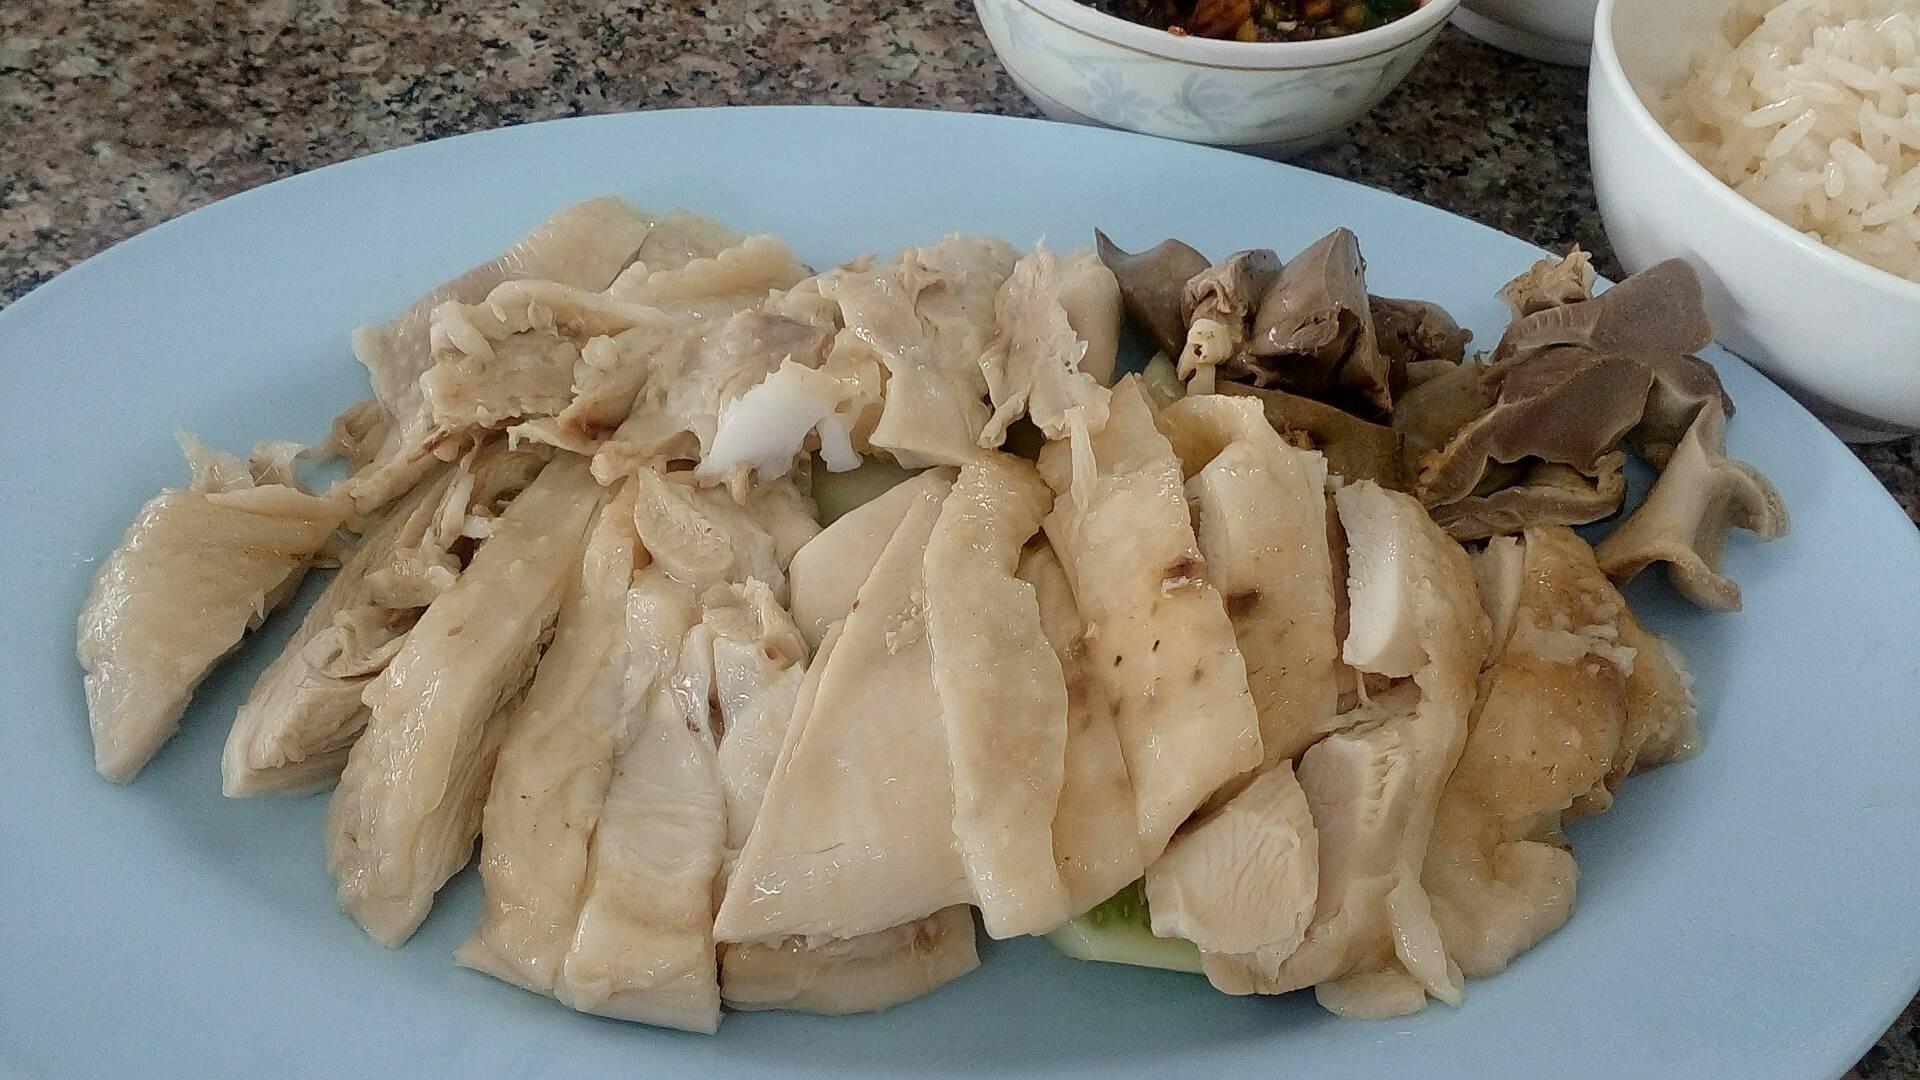 ข้าวมันไก่มิดไนท์ไก่ตอน ปทุมธานี